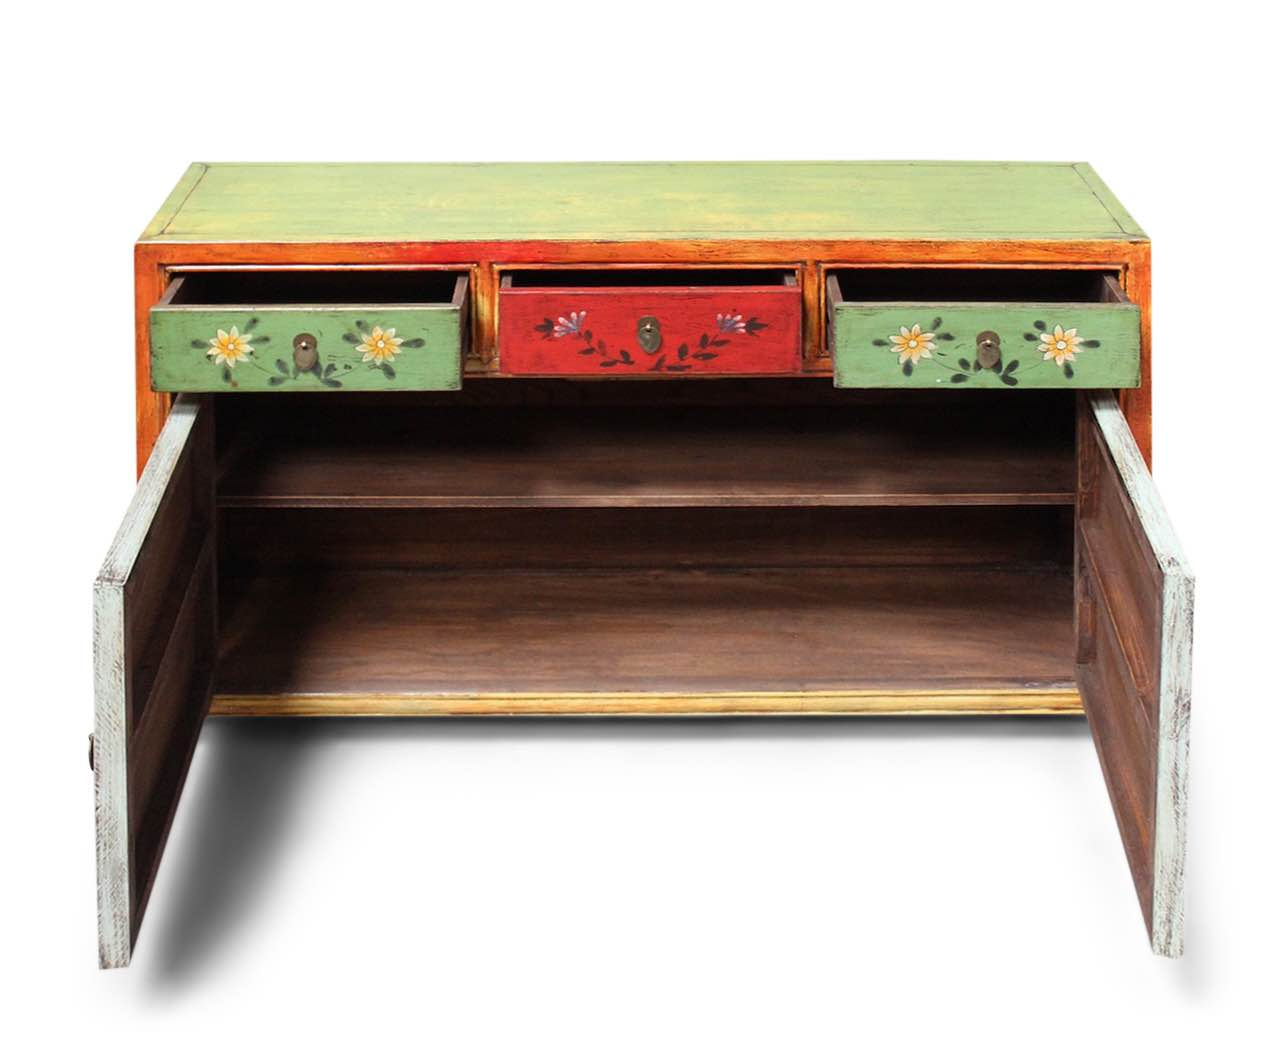 La Credenza Traduzione : Cinese credenza asia cassettiera cina mobili dipinto